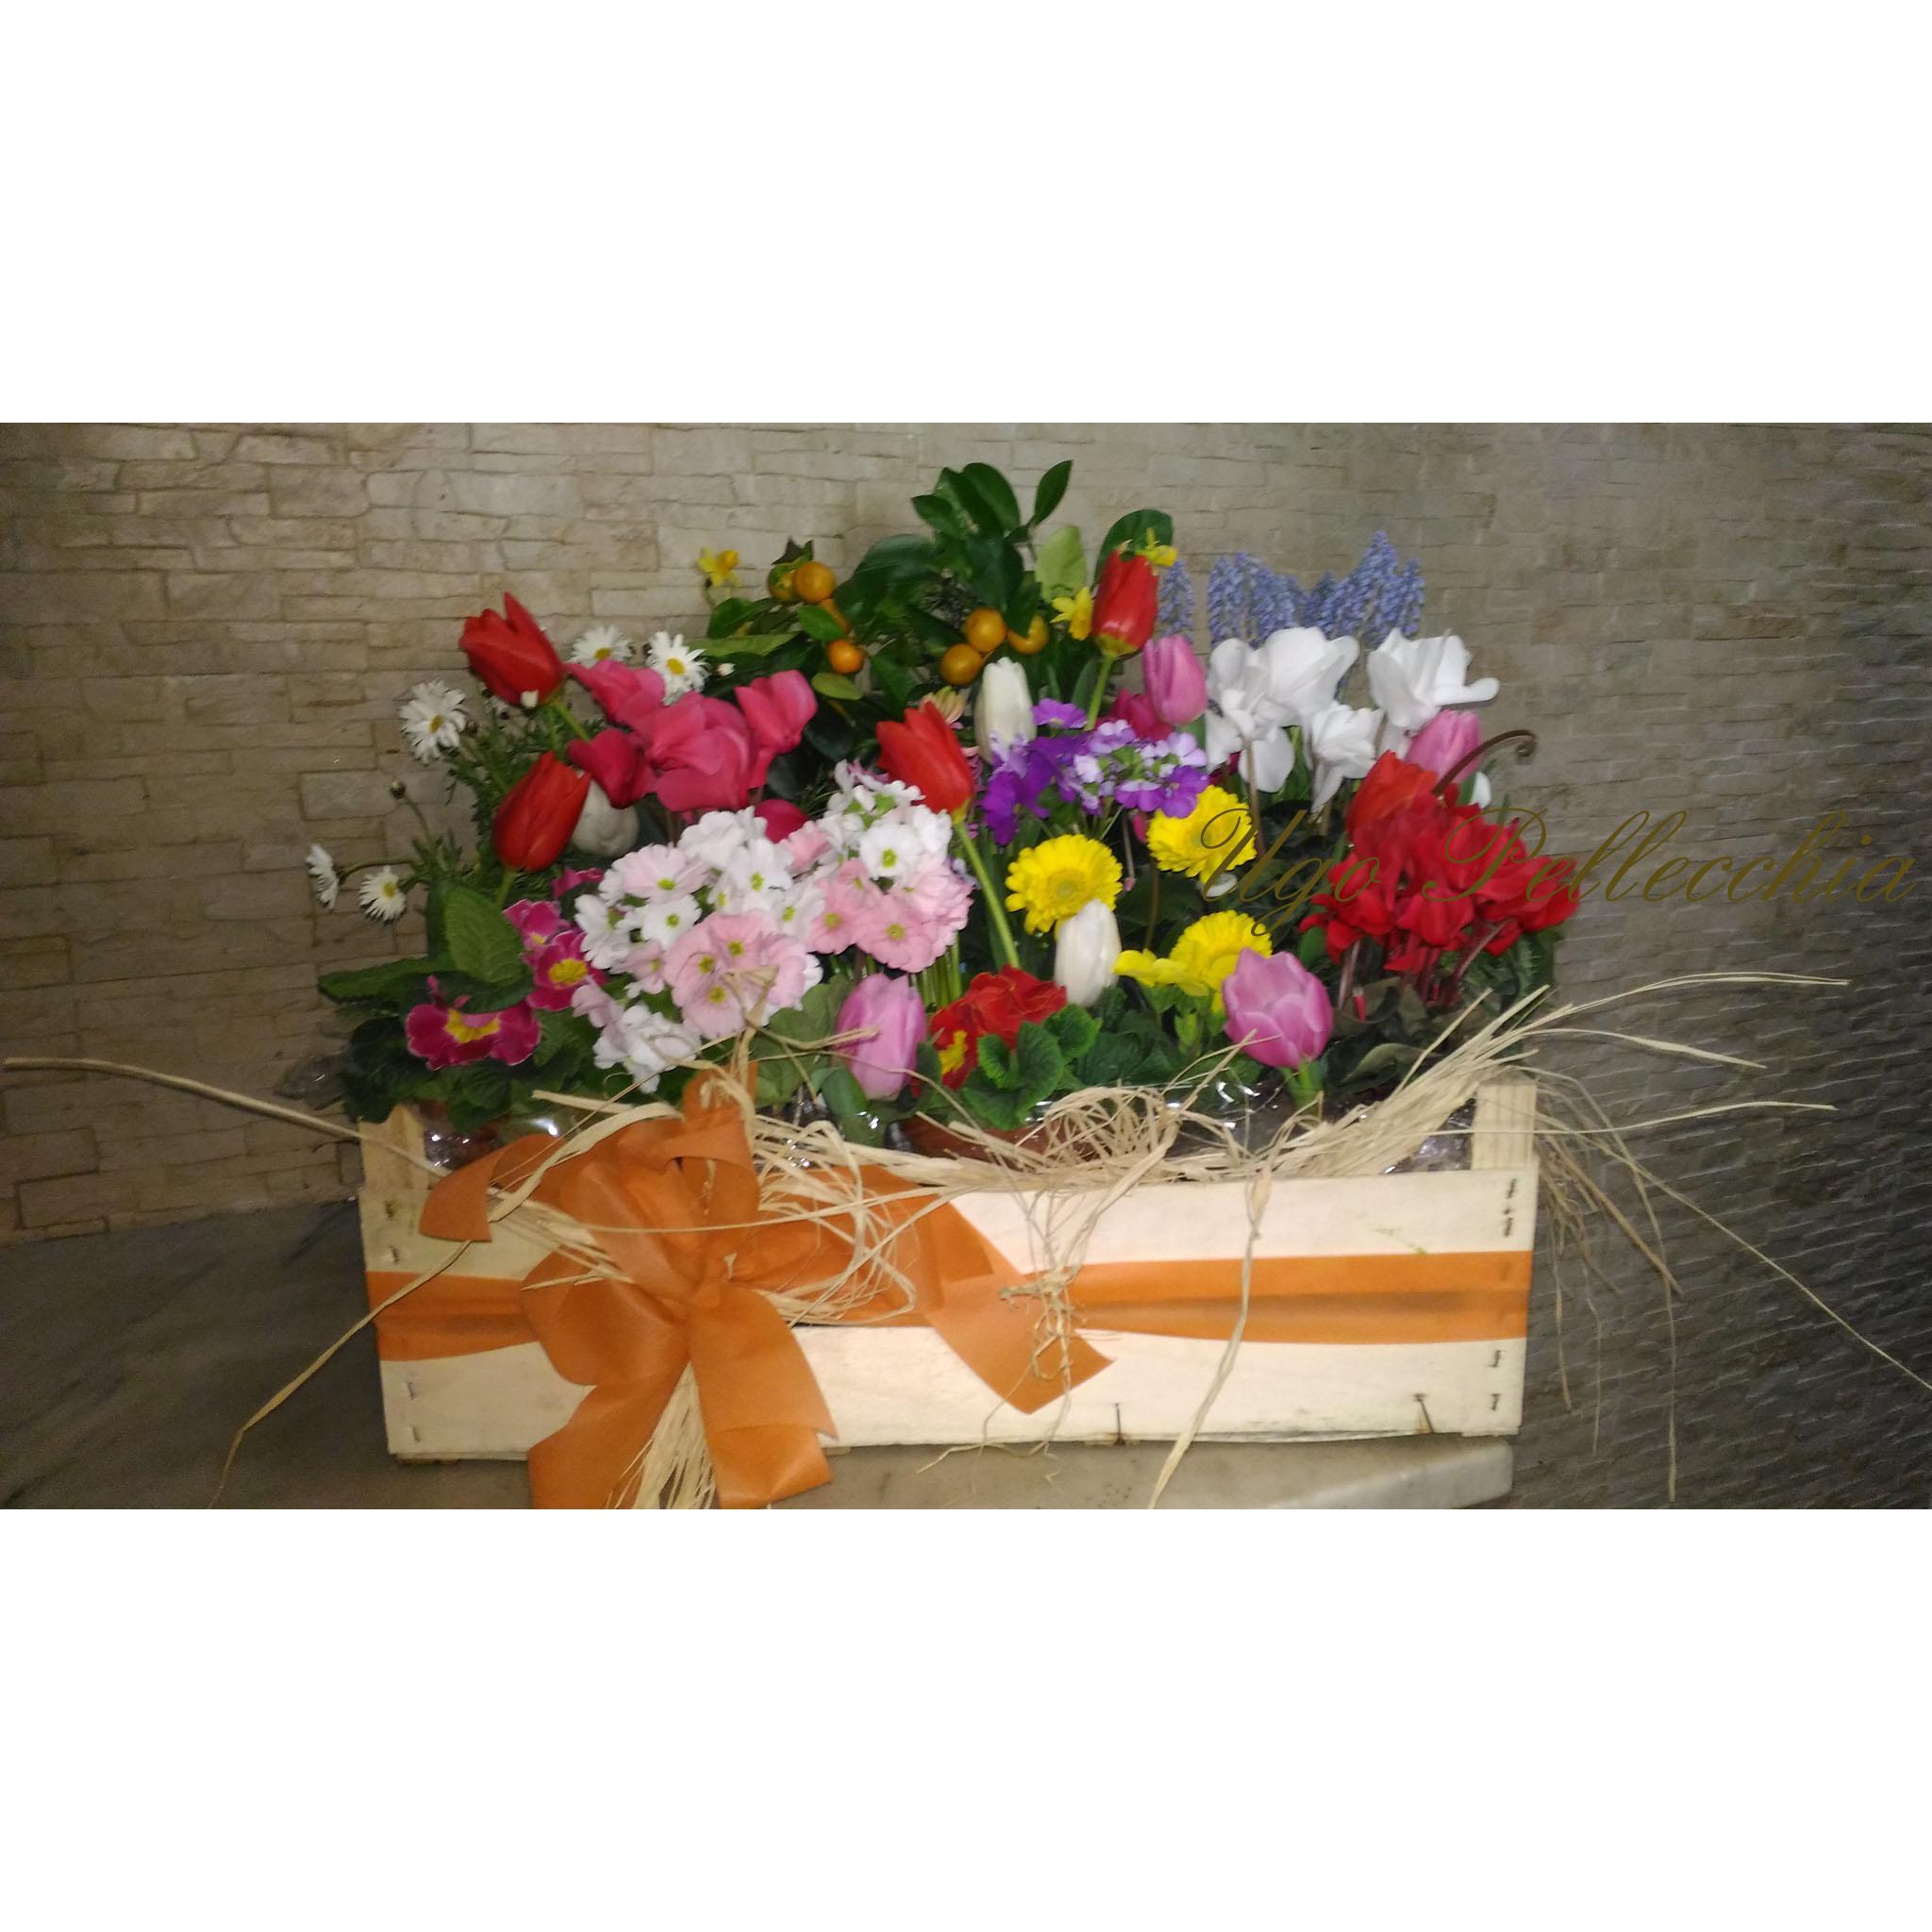 Plants cassetta di piante fiorite - Piante fiorite ...